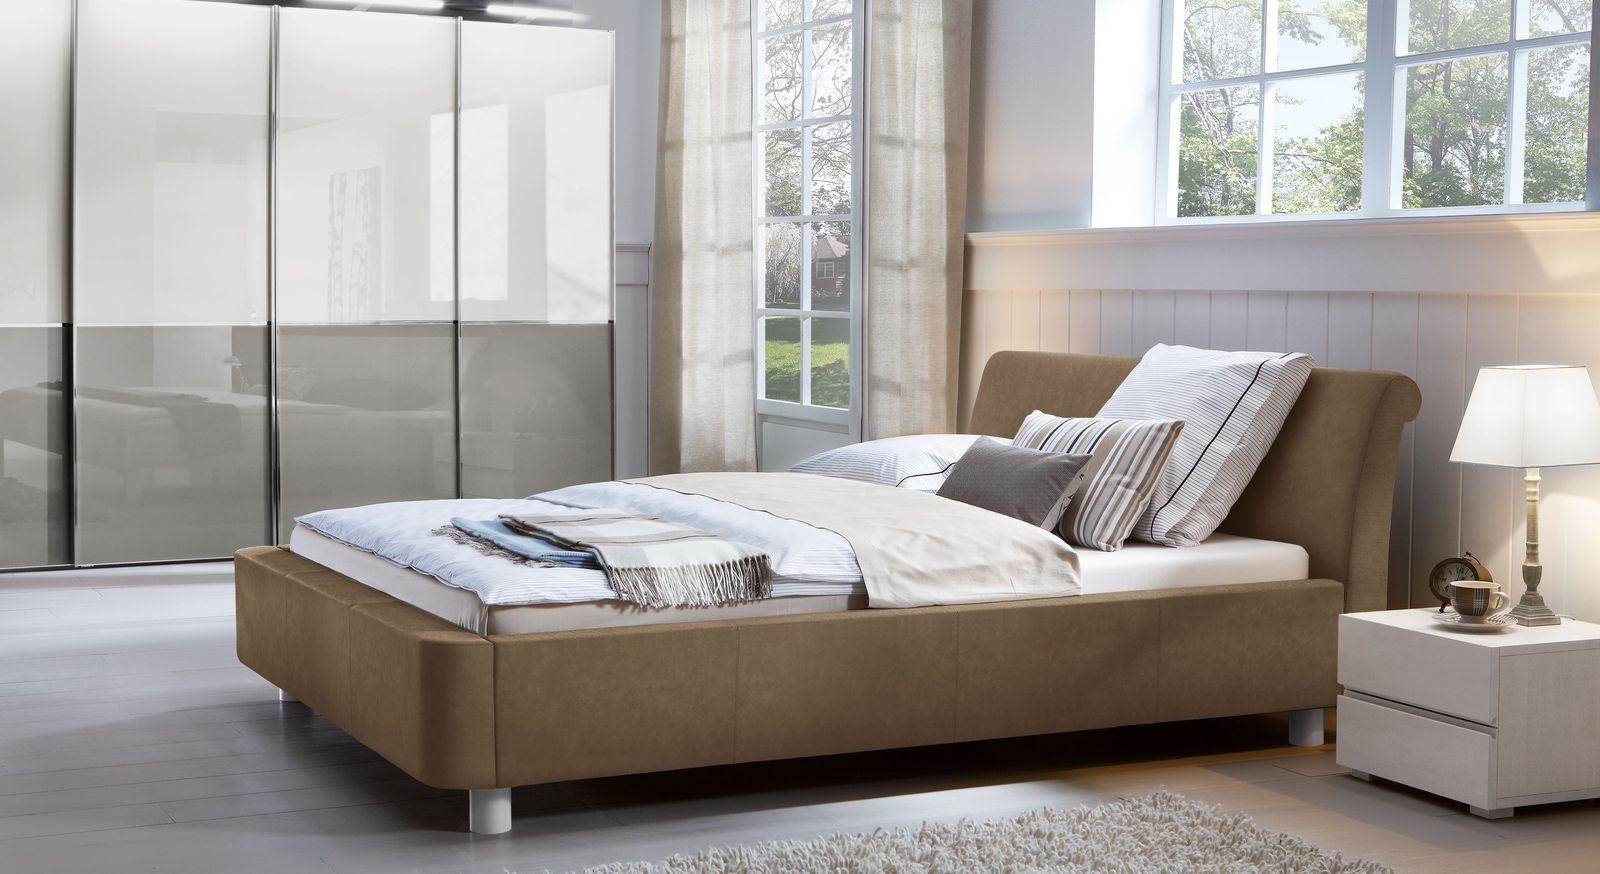 Bett Macuma mit passenden Accessoires fürs Schlafzimmer